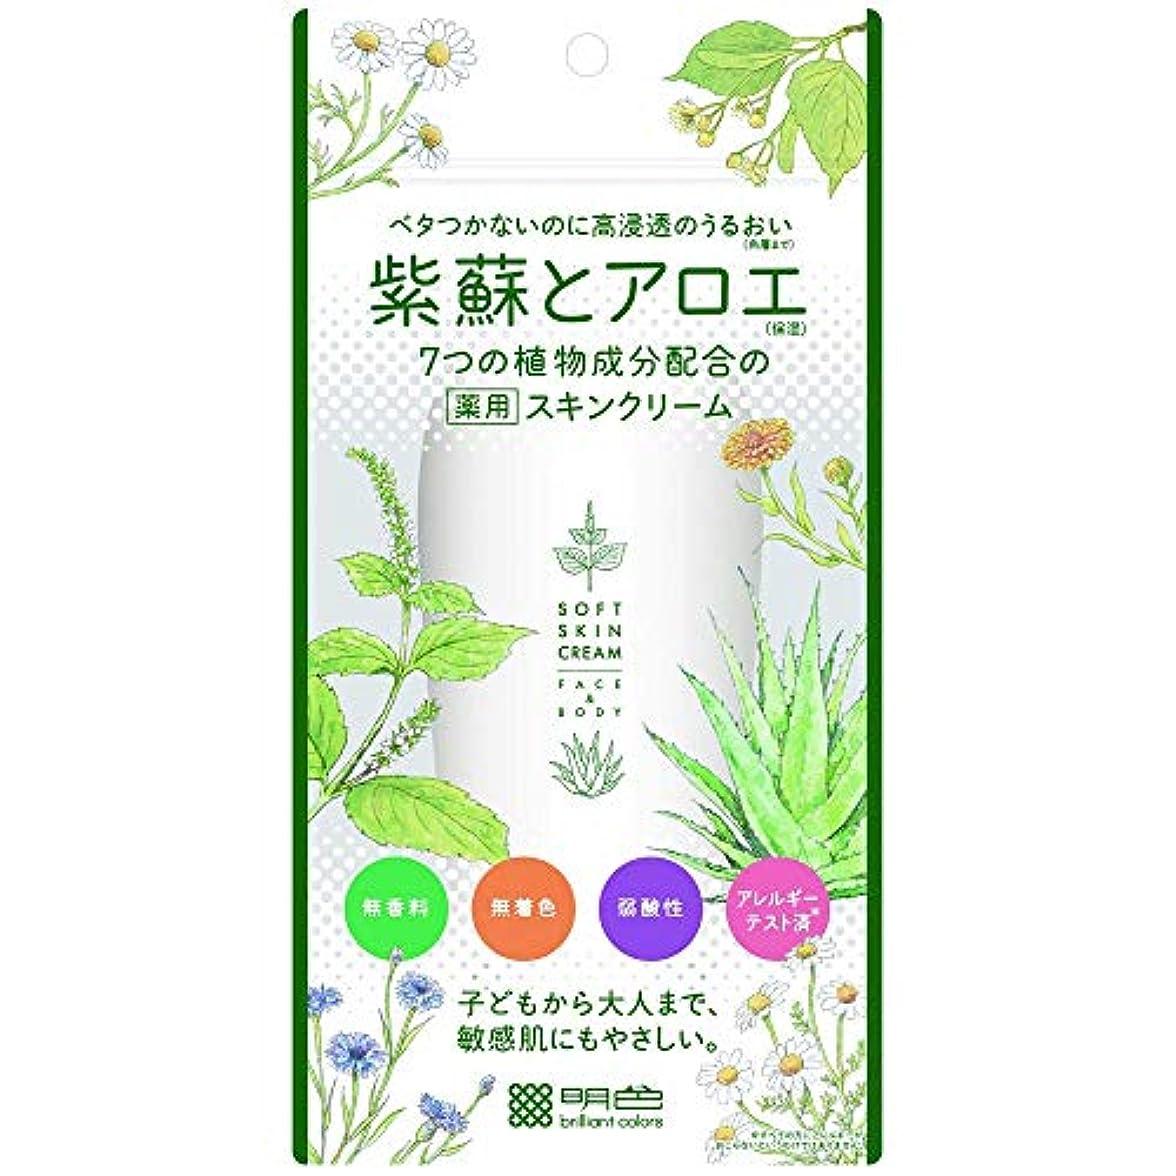 【4個セット】紫蘇とアロエ 薬用スキンクリーム 190g